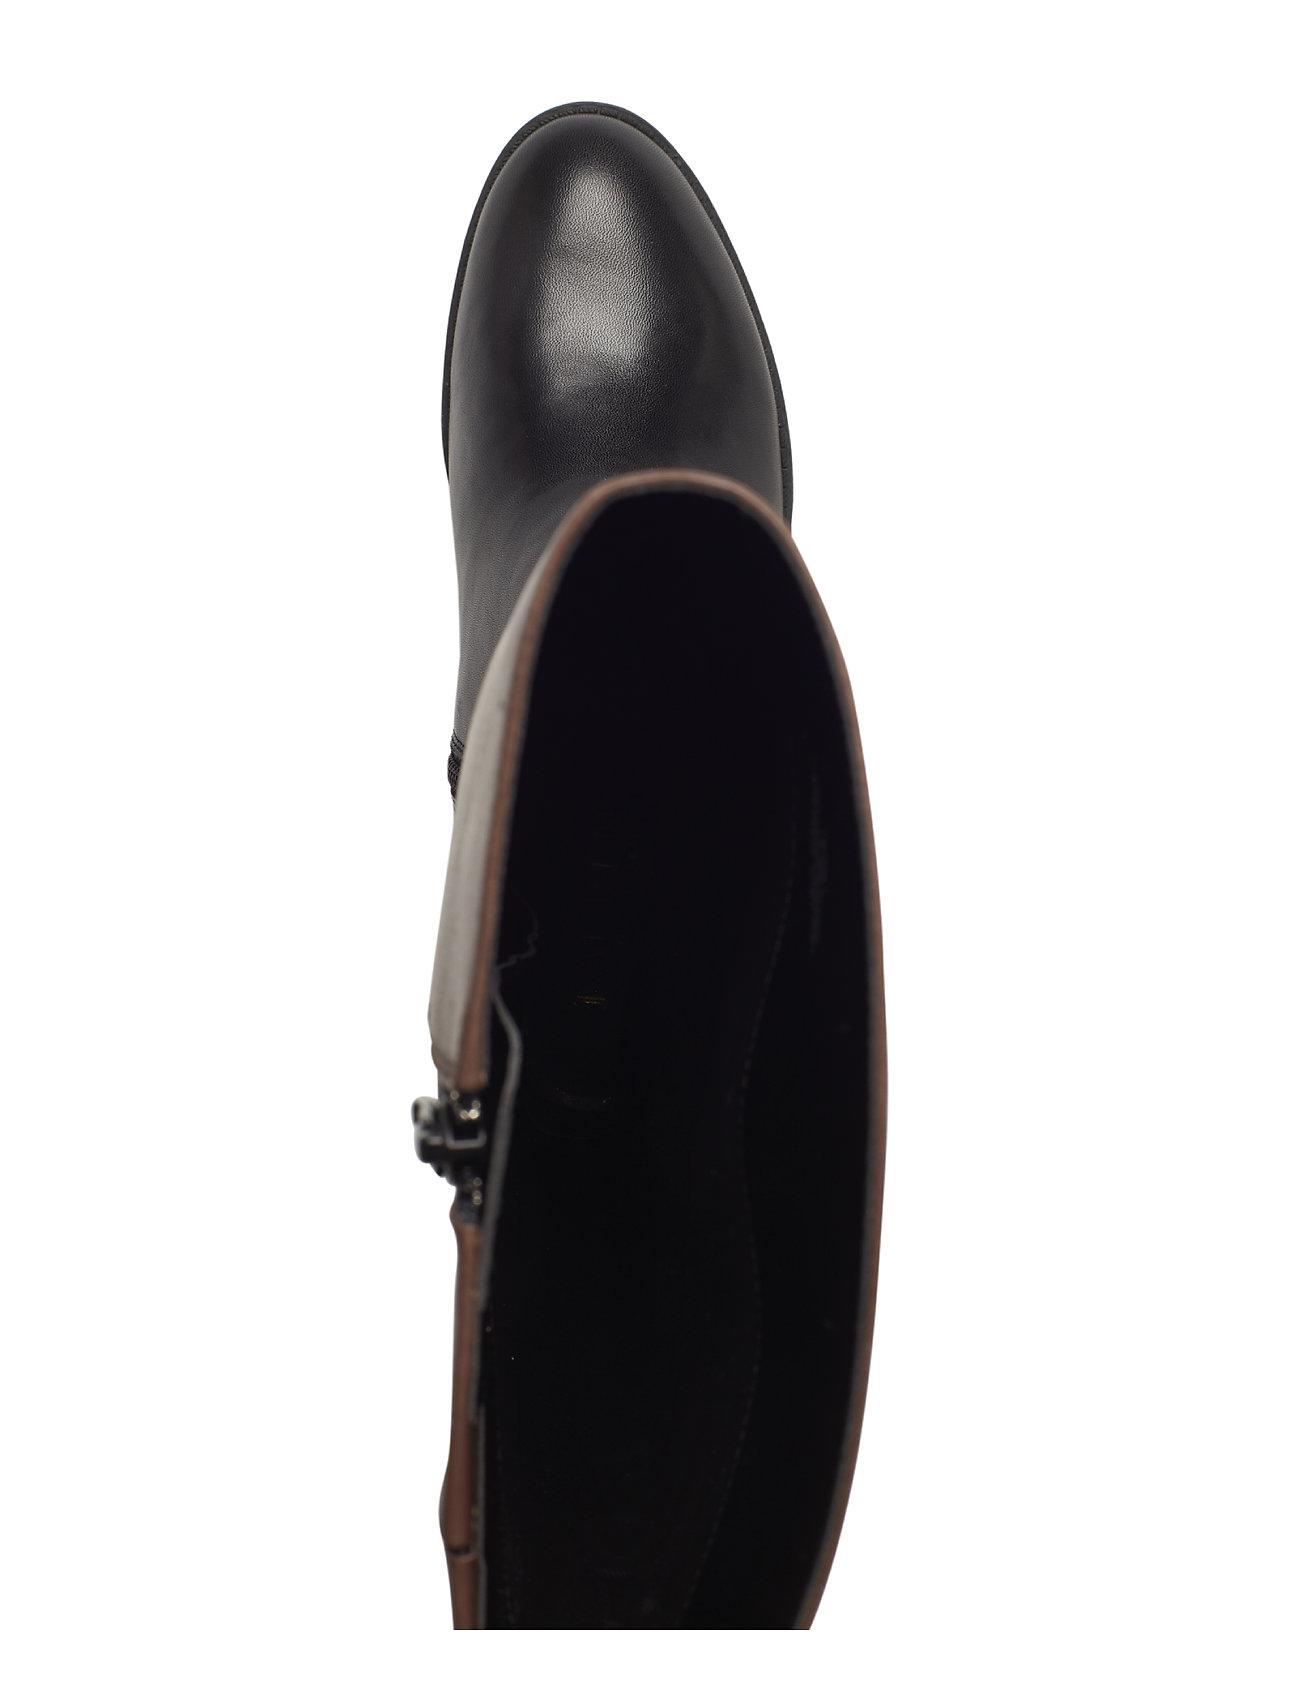 Bootblack Madisen BrownLauren Leather Ralph dark MqUjLSVpzG